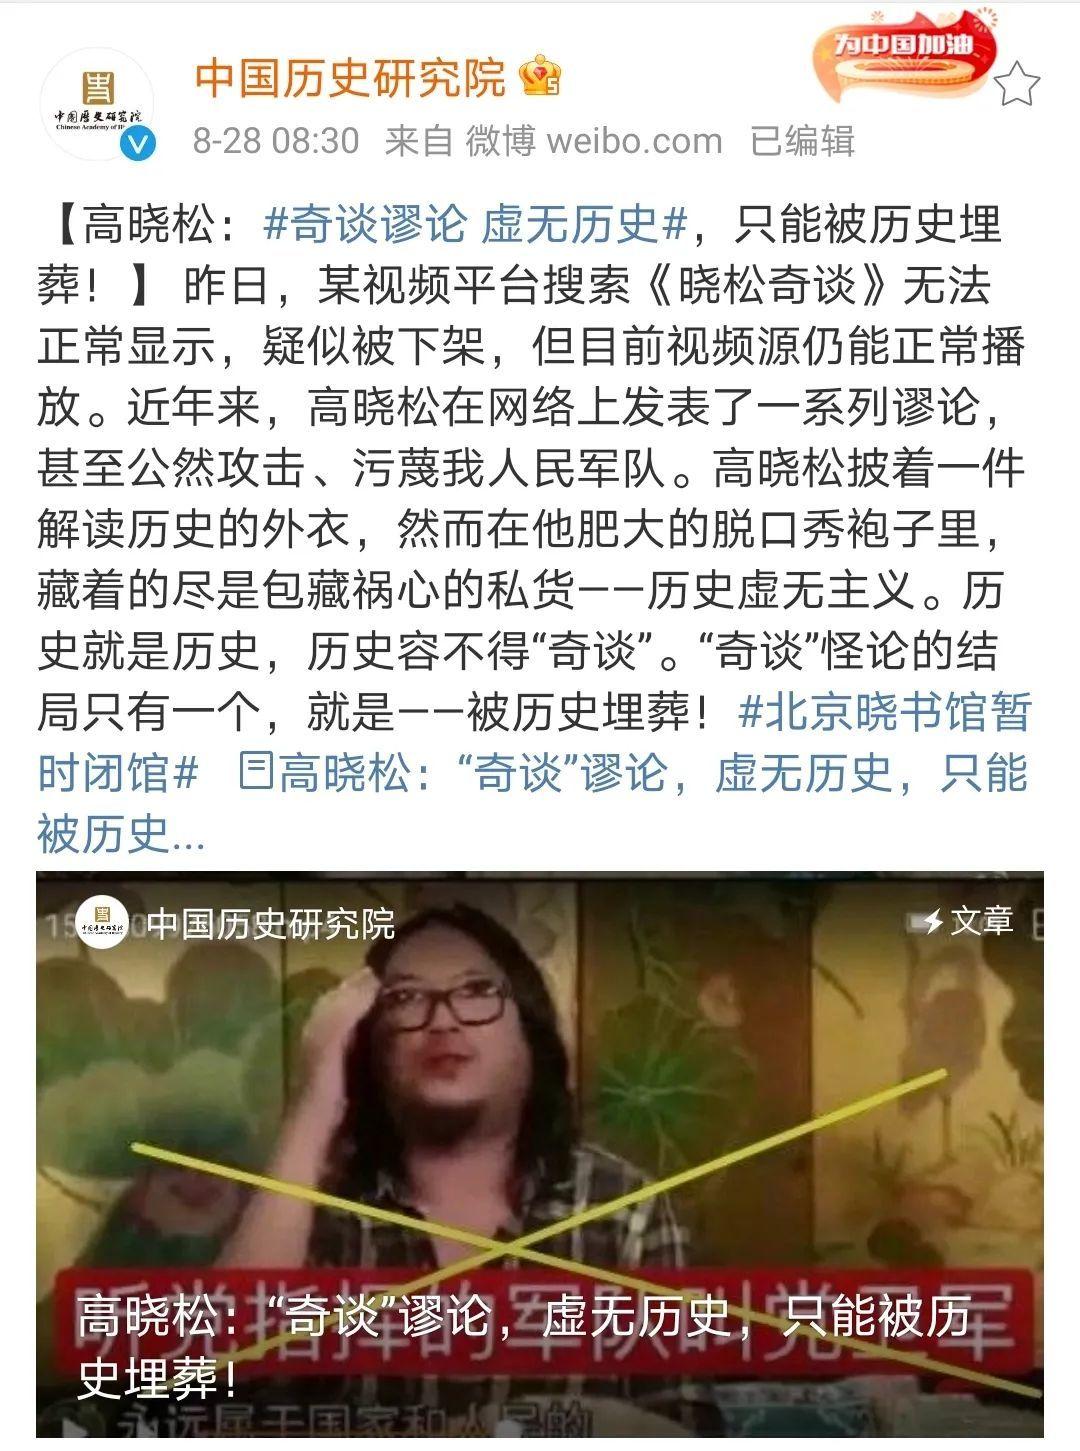 中国历史研究院批驳文章(图源:微博)